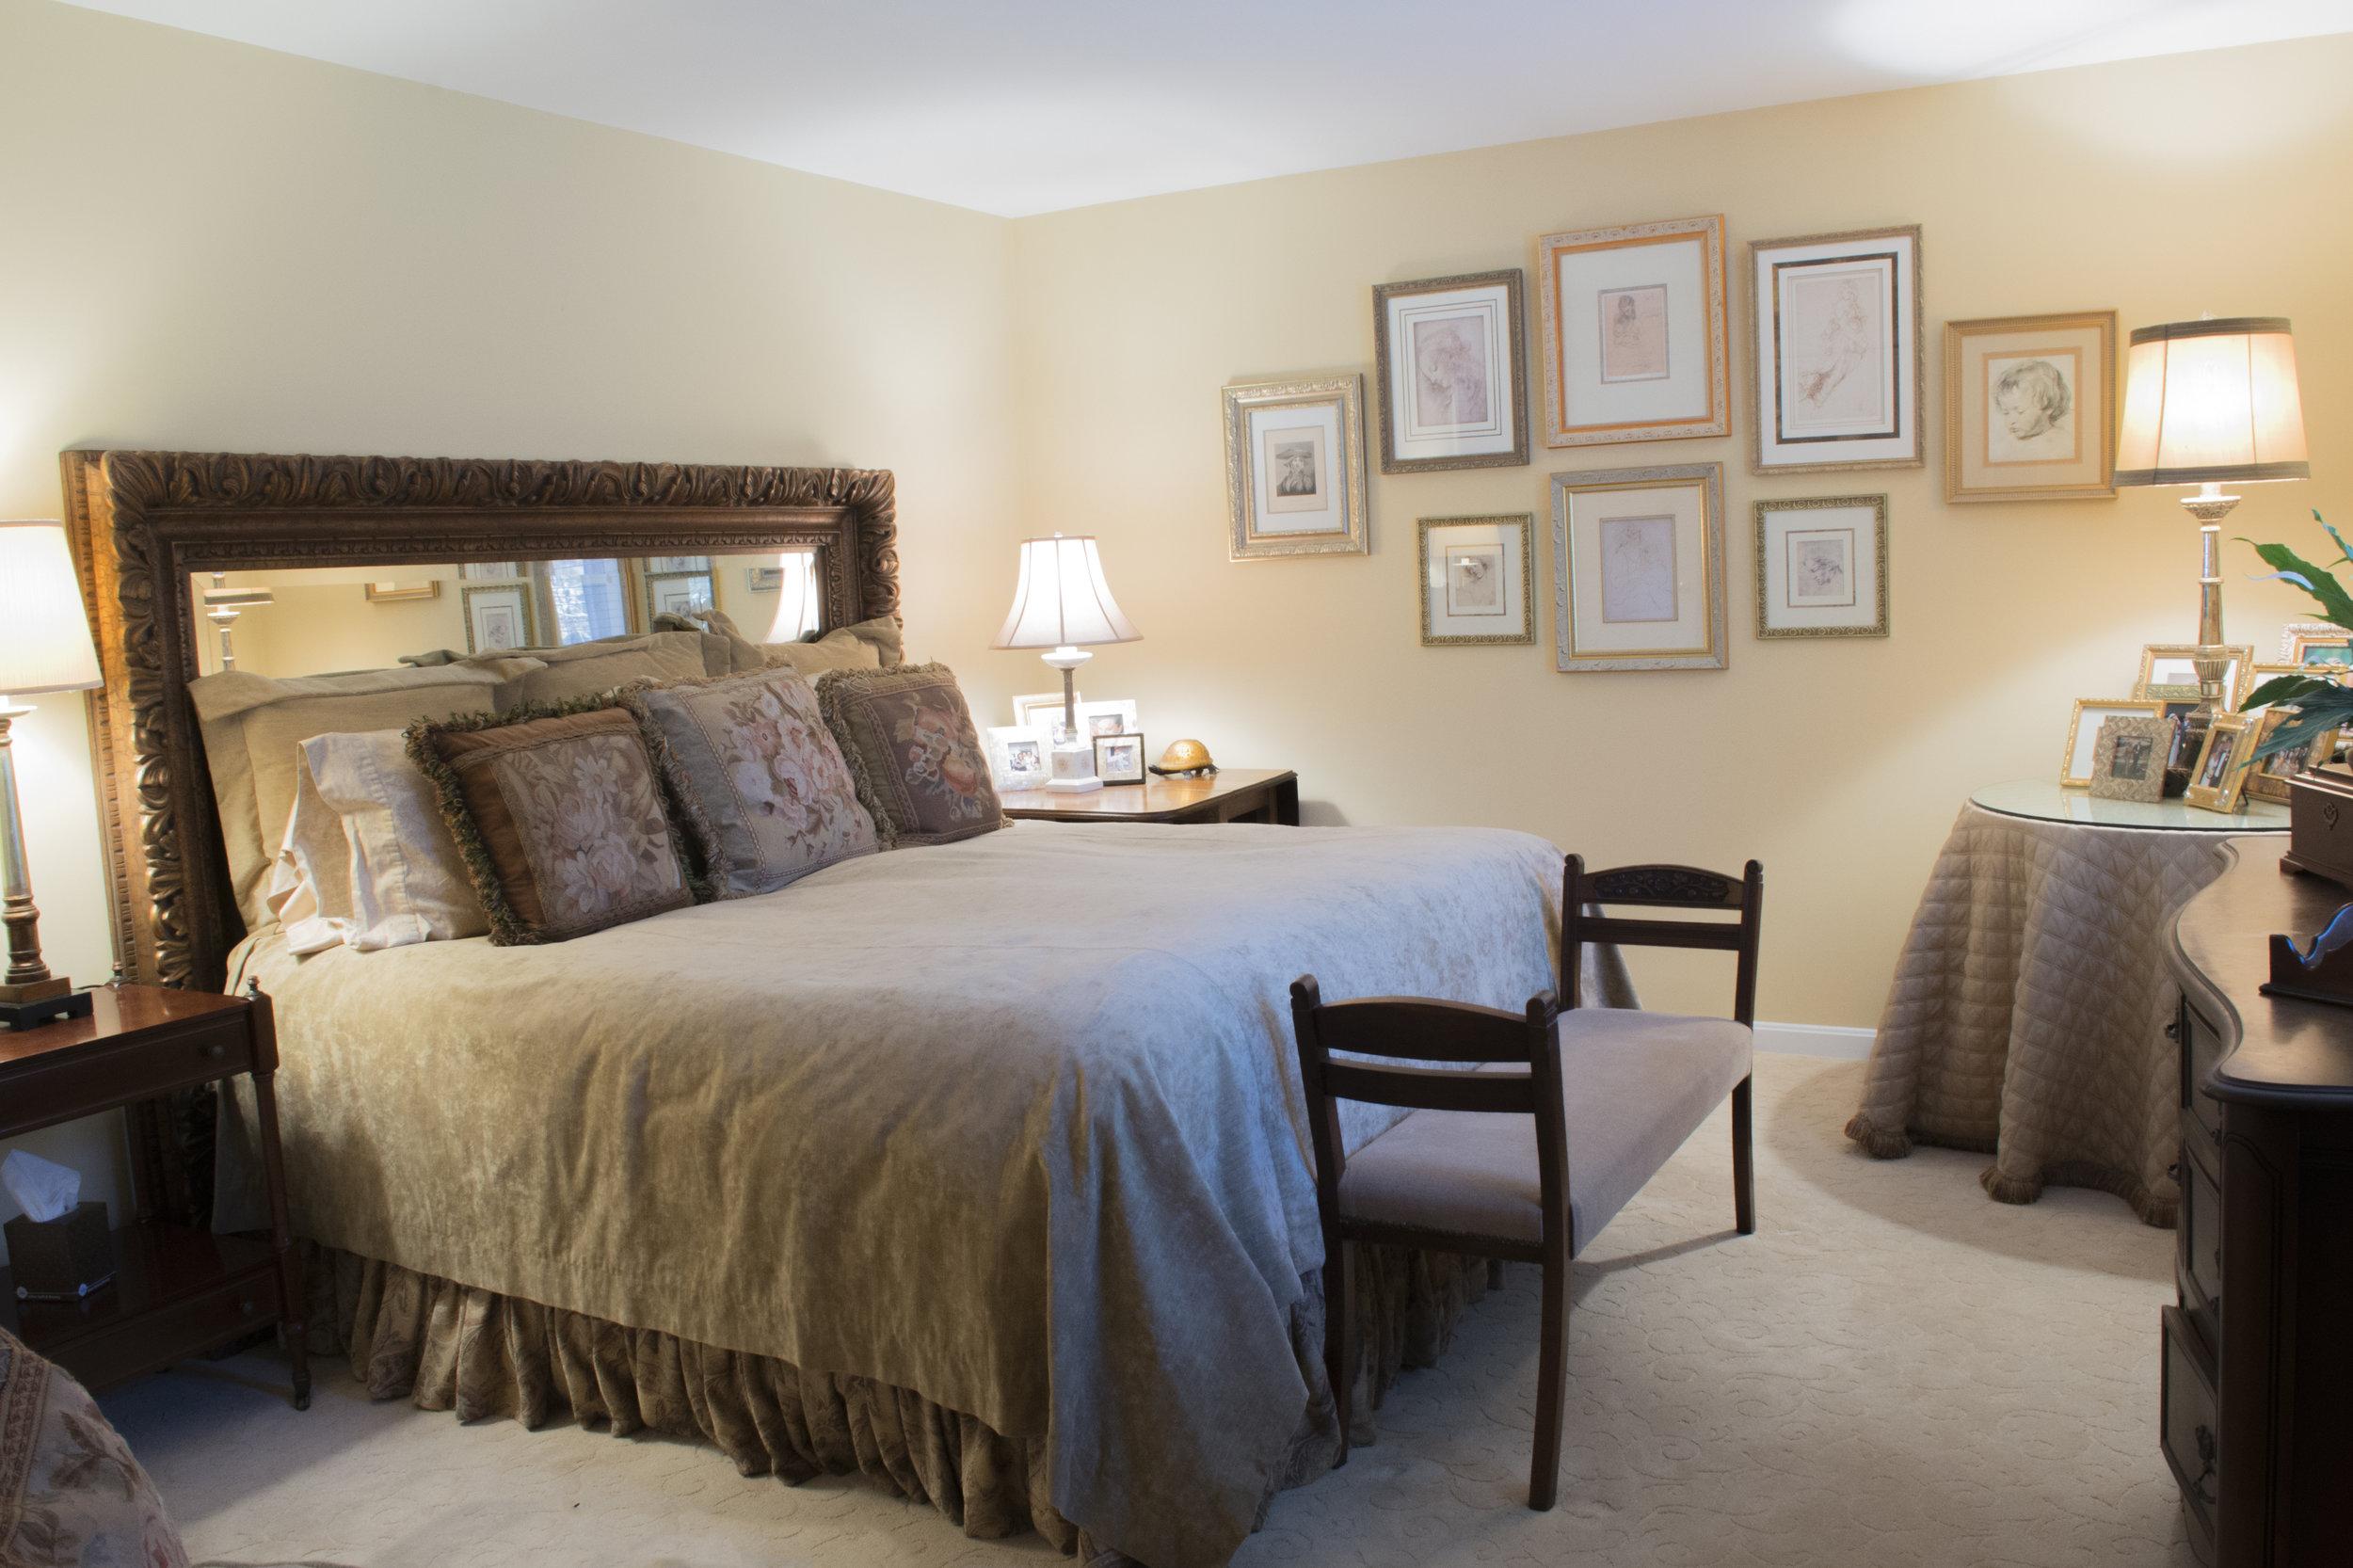 U_master_bedroom_view2.jpg